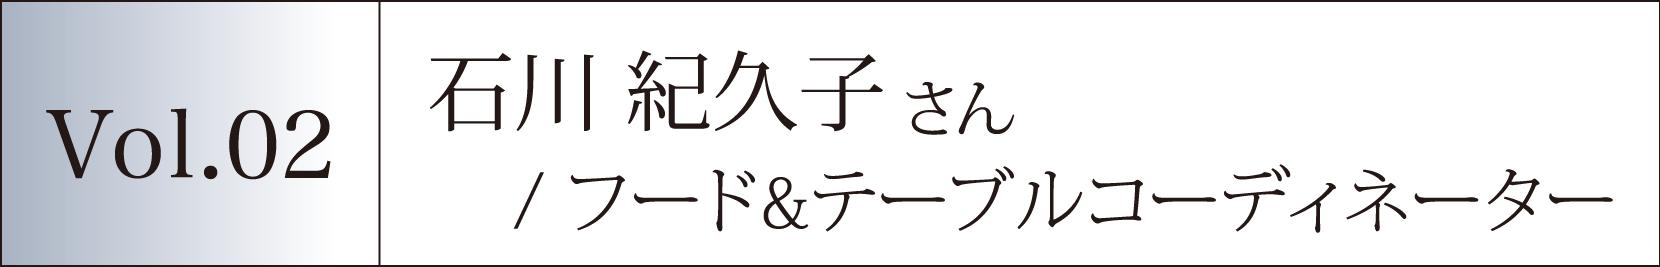 Vol.02 石川 紀久子さん/フード&テーブルコーディネーター